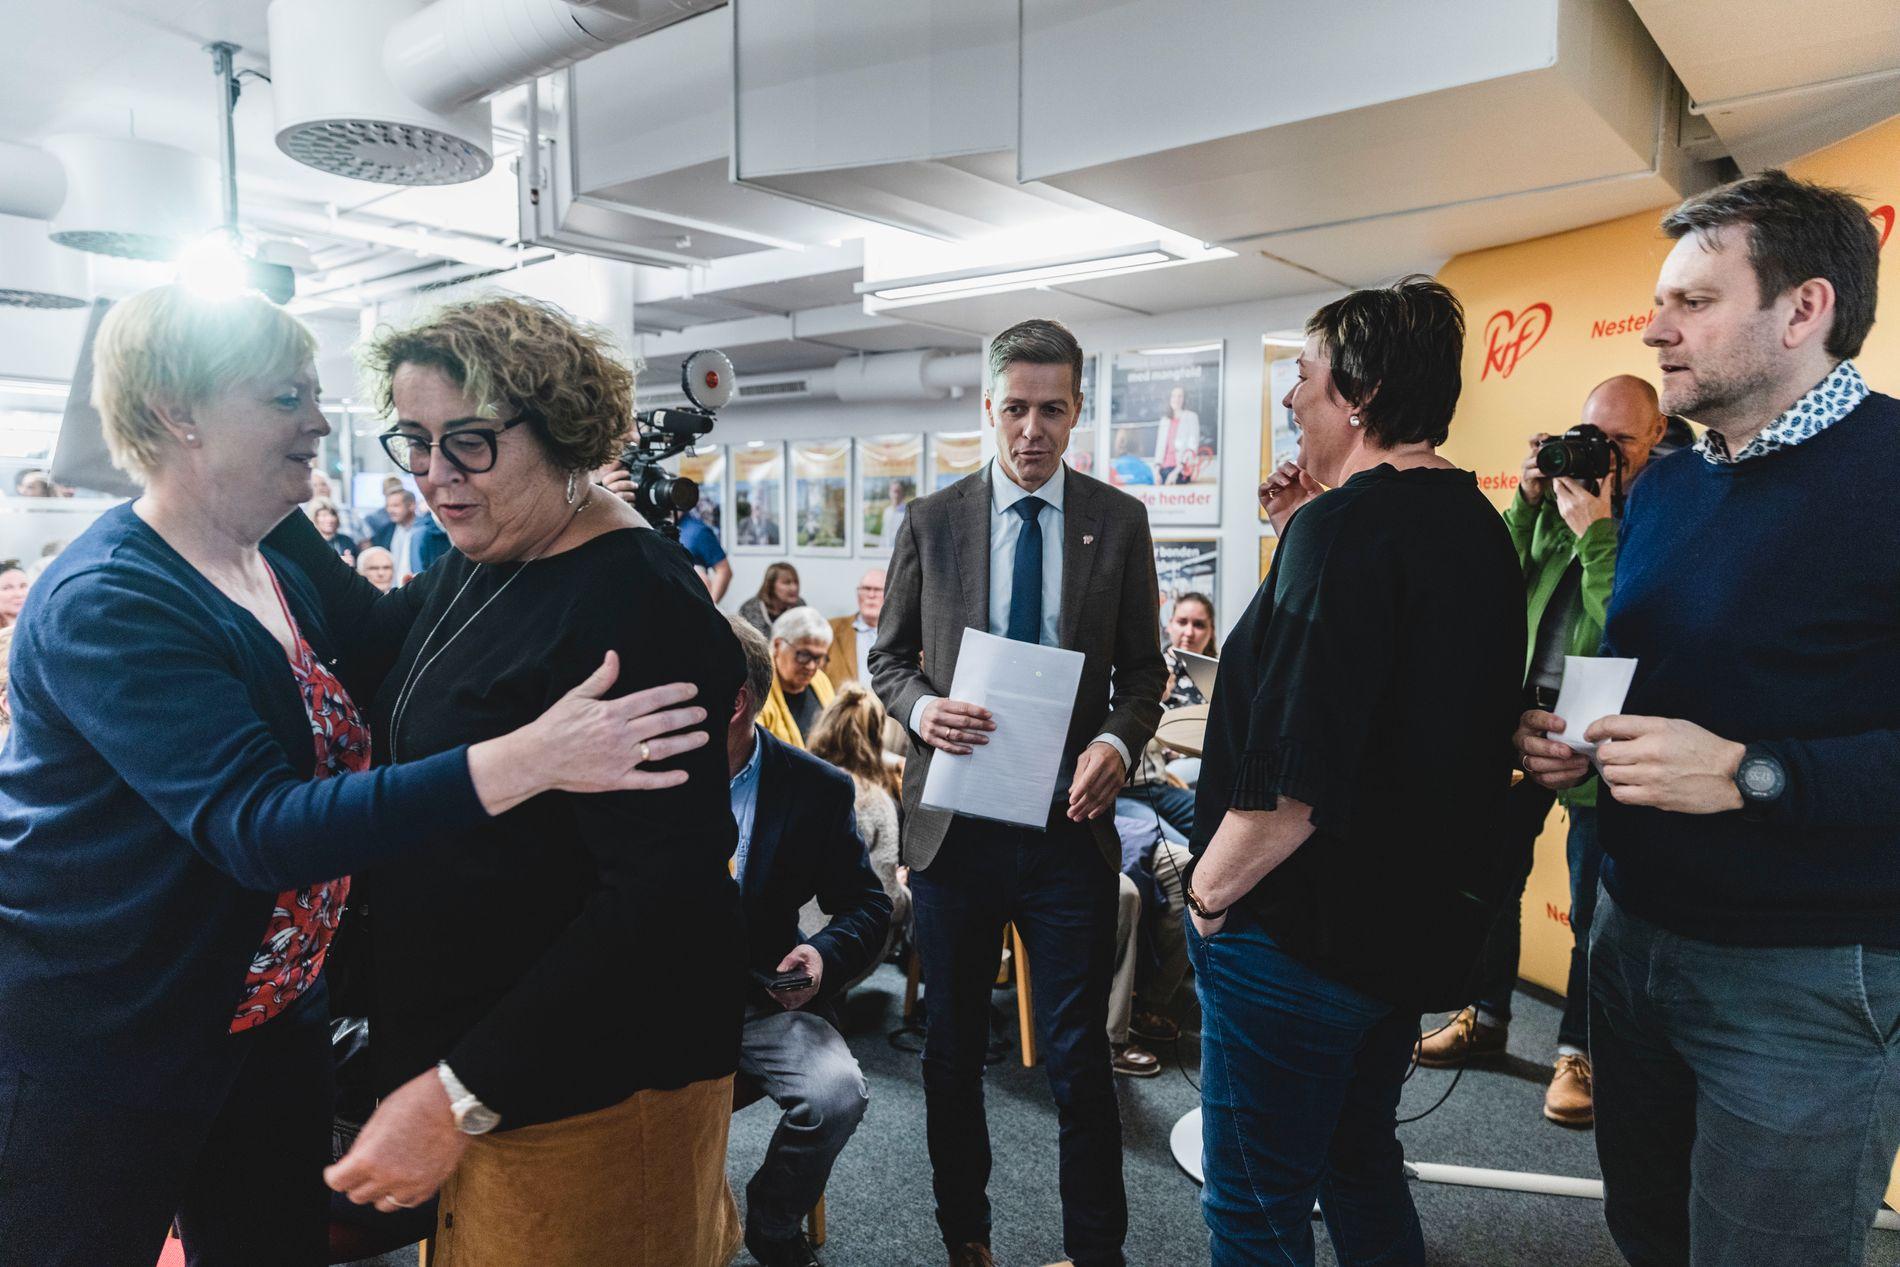 FYLKESÅRSMØTE: Rogaland KrF skal ta stilling til retningsval på sitt fylkesårsmøte laurdag. Her med fylkesordførar Solveig Ege Tengesdal, stortingsrepresentant Olaug Bollestad og Knut Arild Hareide som gjest på medlemsmøtet 5.oktober.